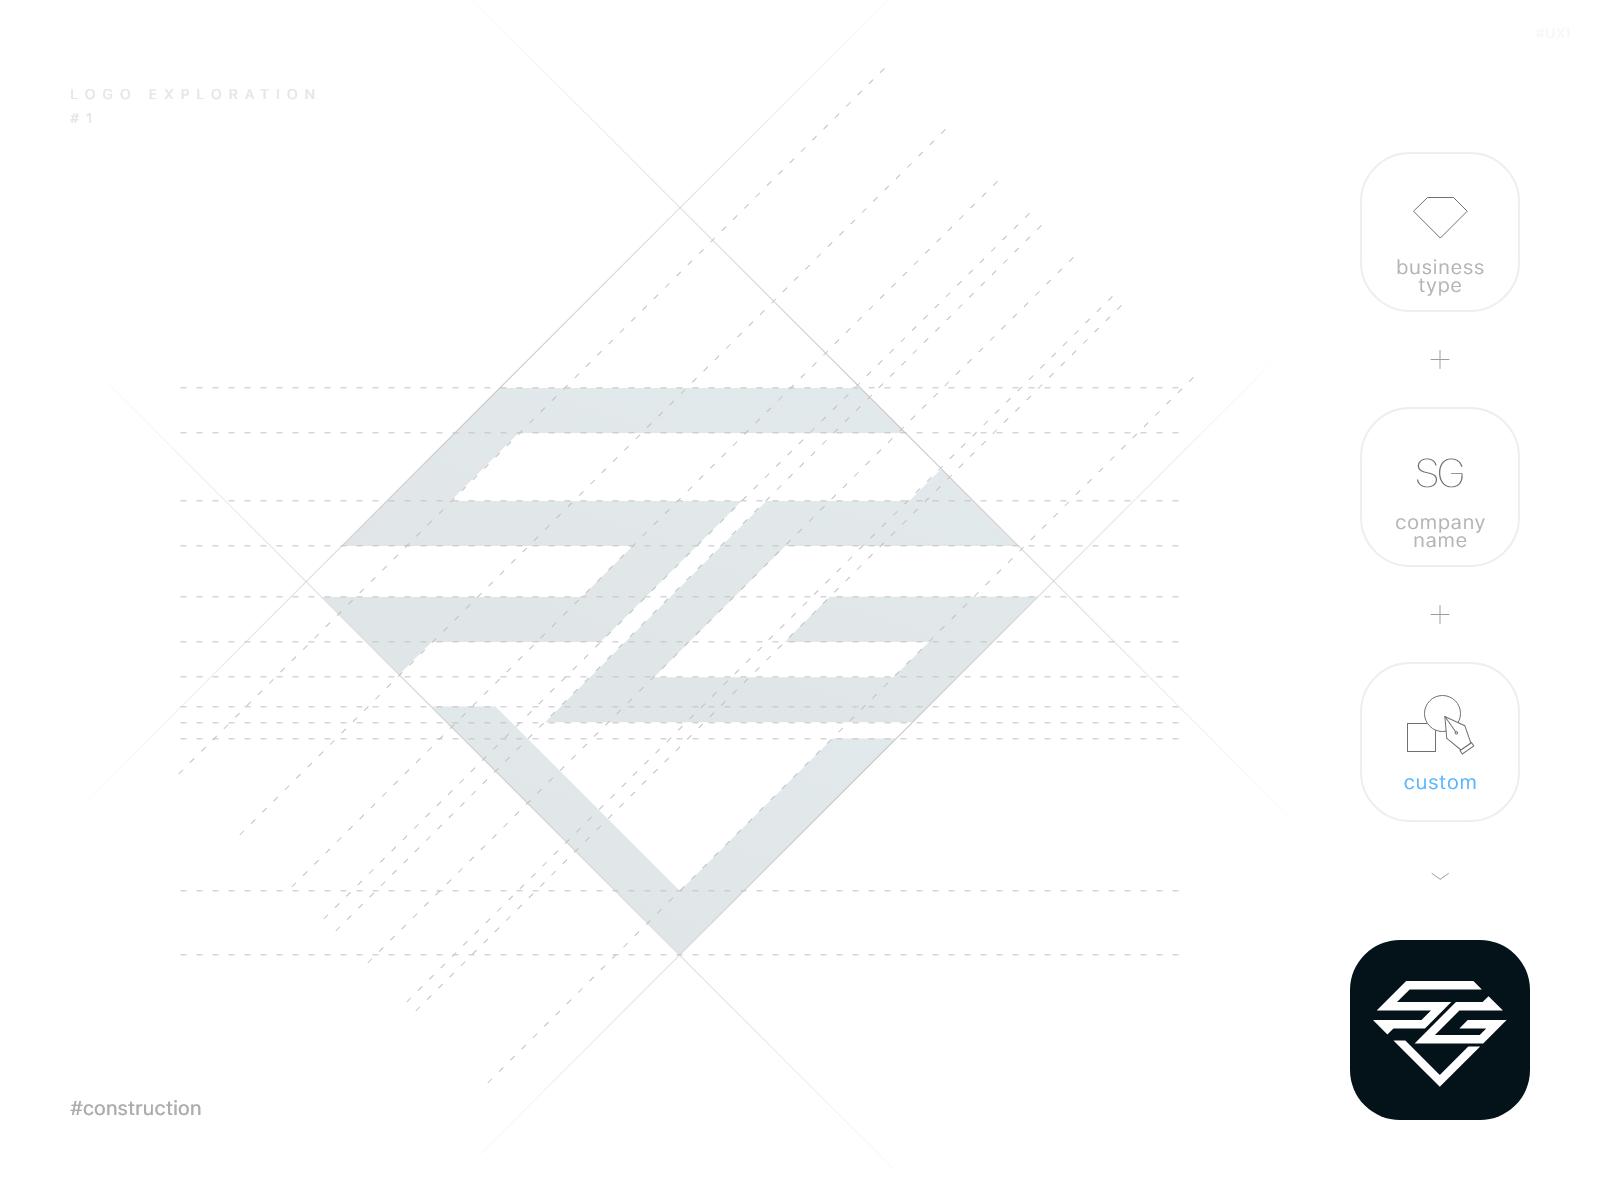 sg logo exploration 1 sg logo logo design creative logos sg logo exploration 1 sg logo logo